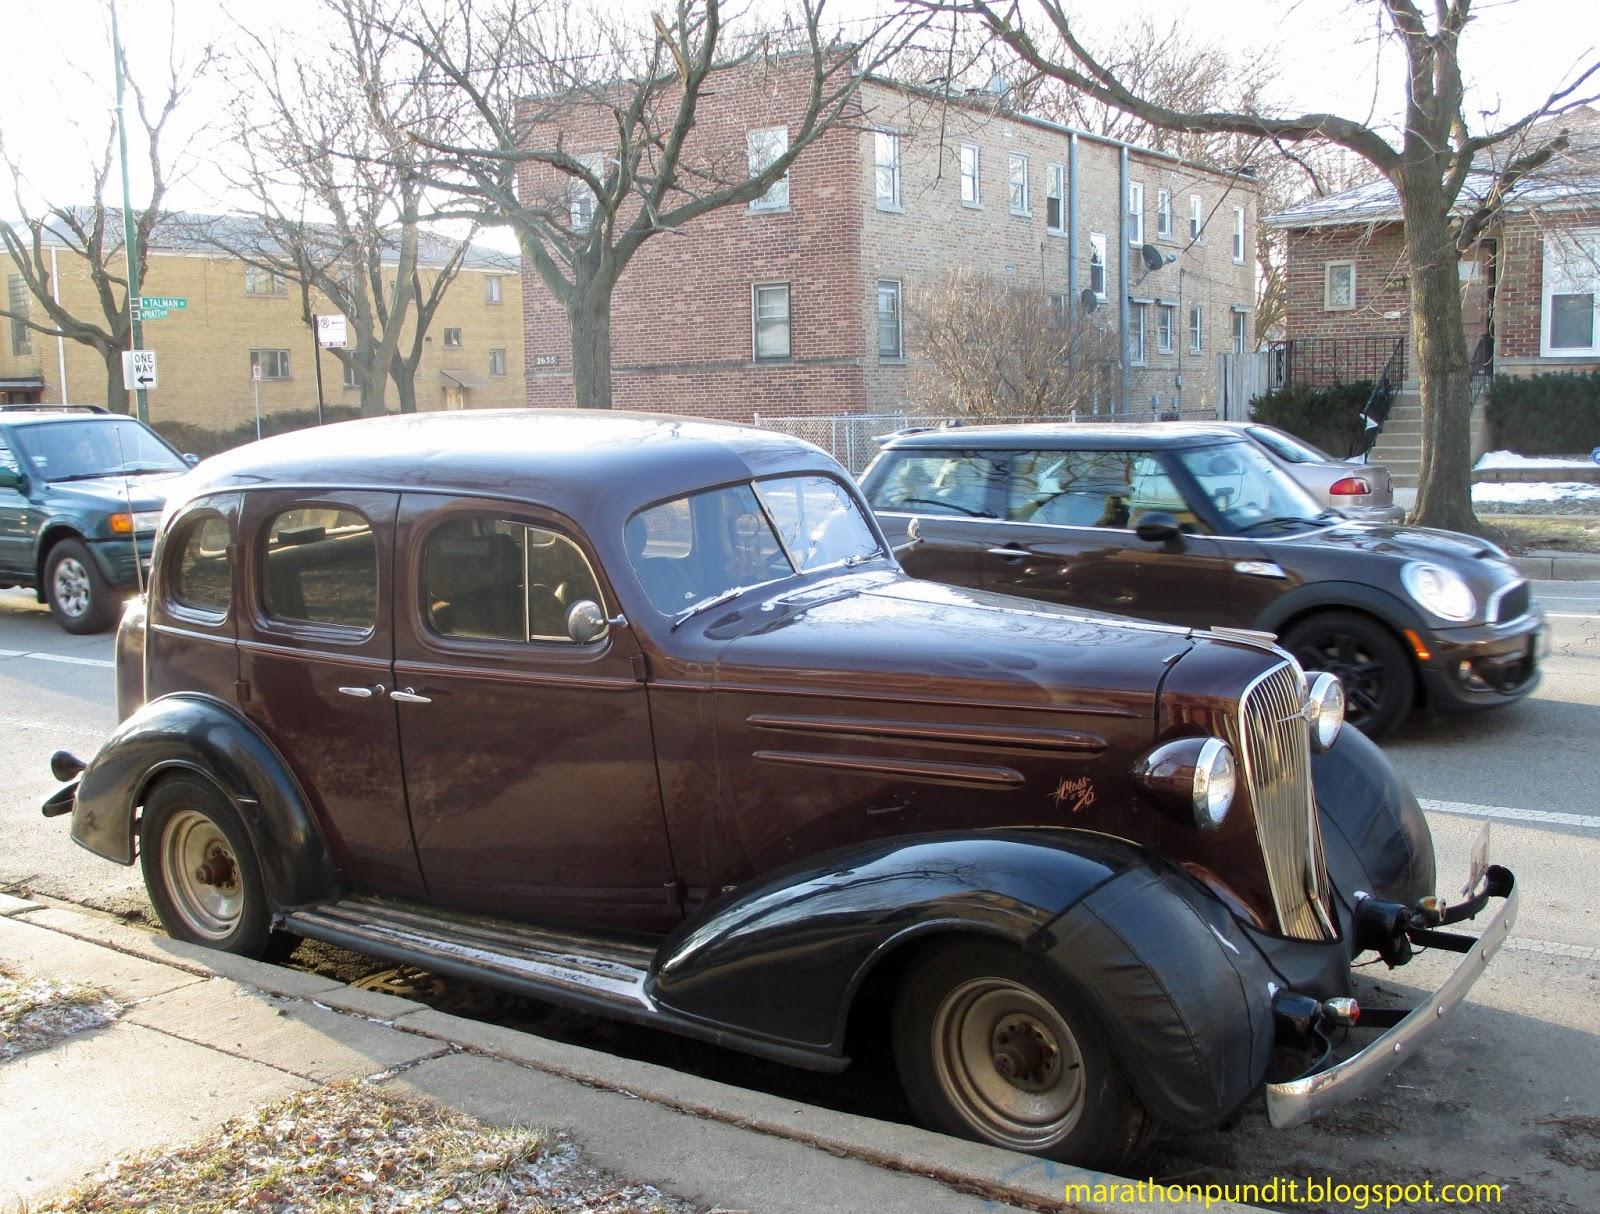 Marathon Pundit: (Photo) Classic car: 1936 Chevrolet Master Deluxe